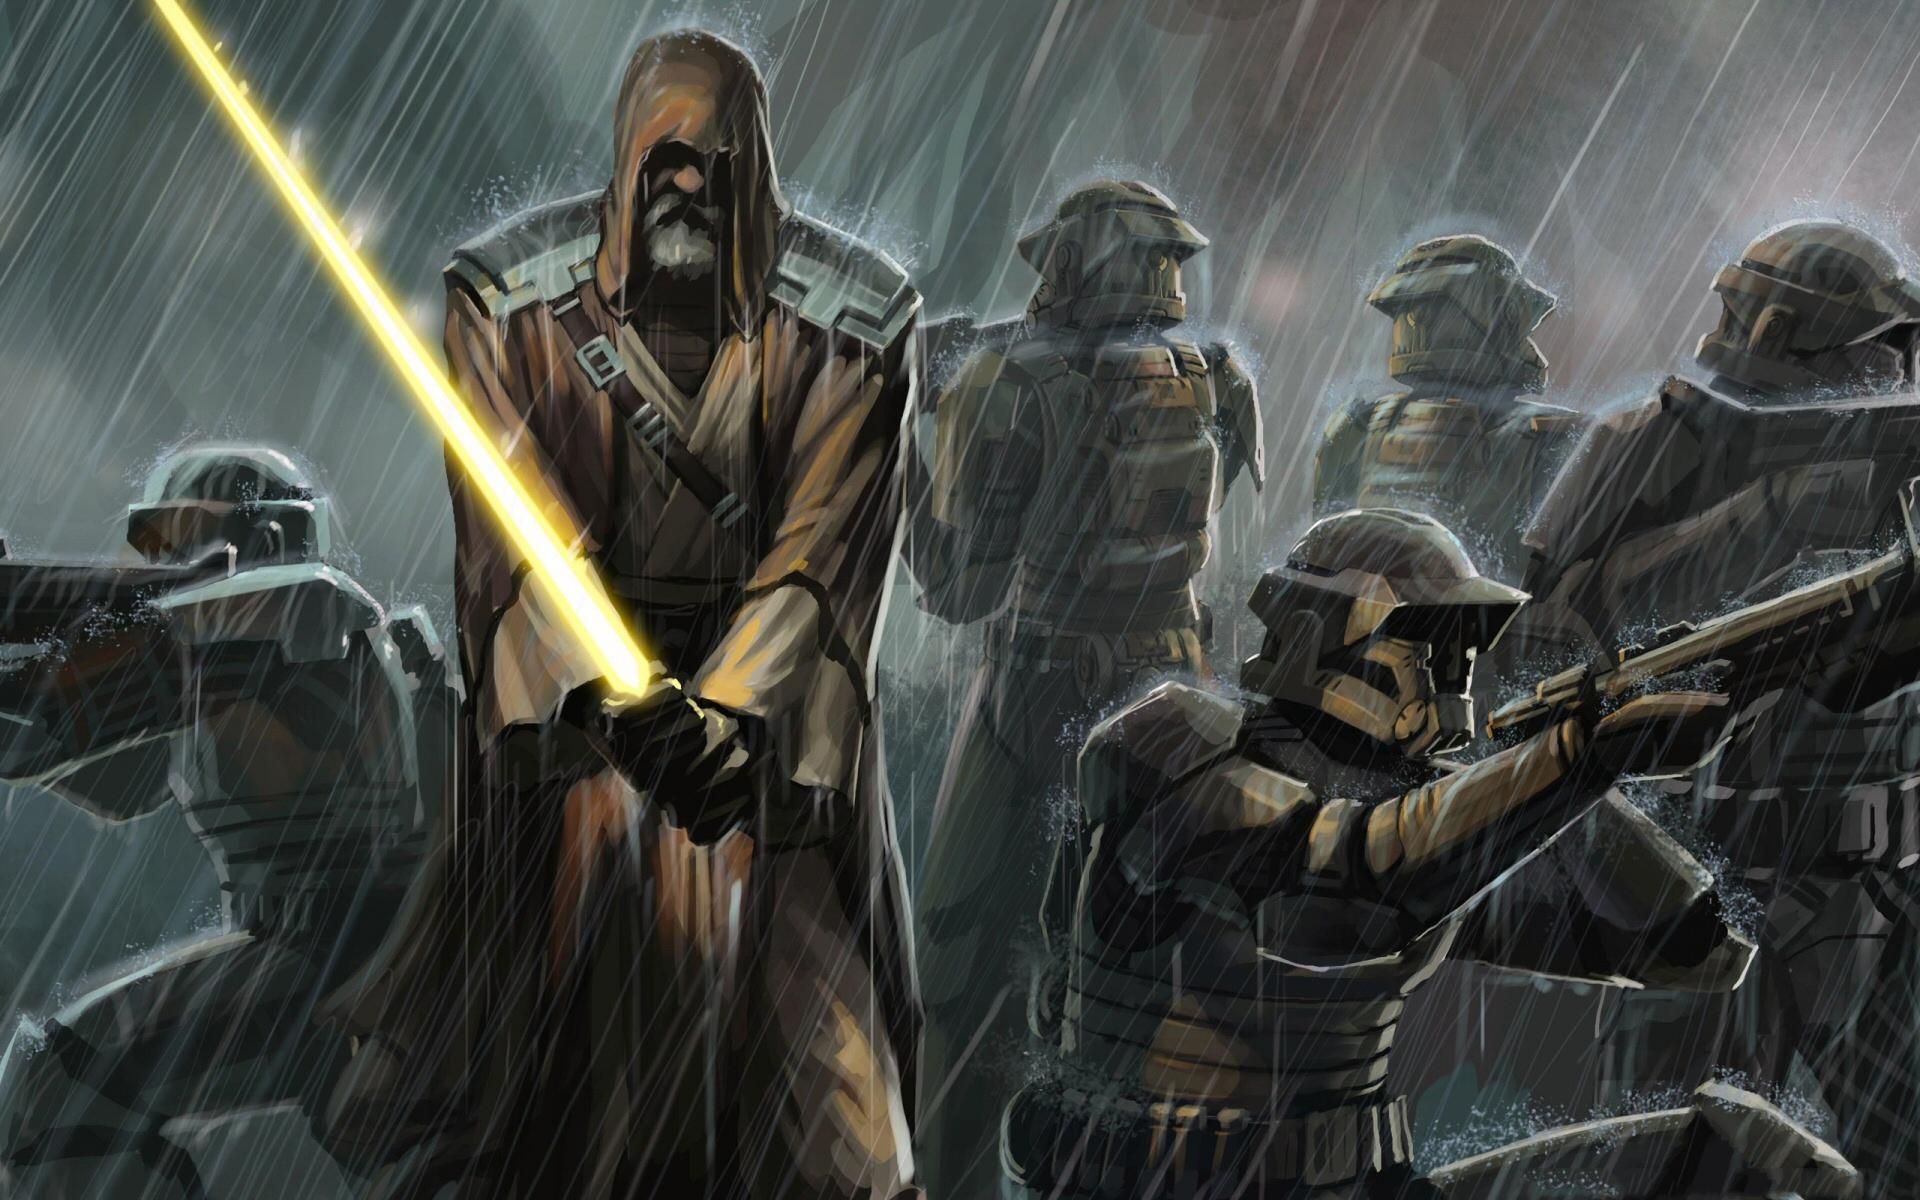 Star Wars Wallpaper jedi sword clones rain 1920x1200